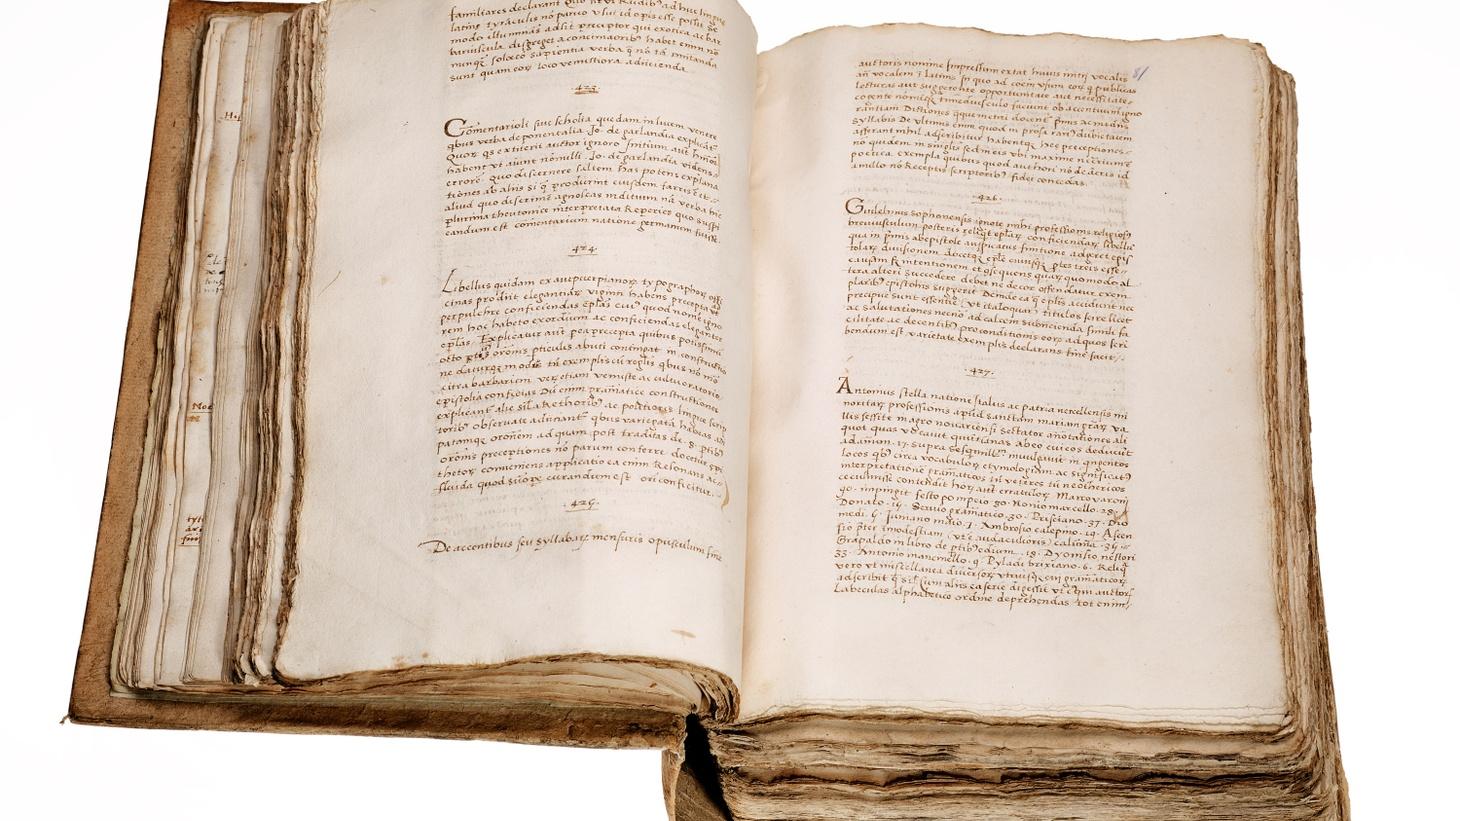 Hernando Colón's lost library catalog.